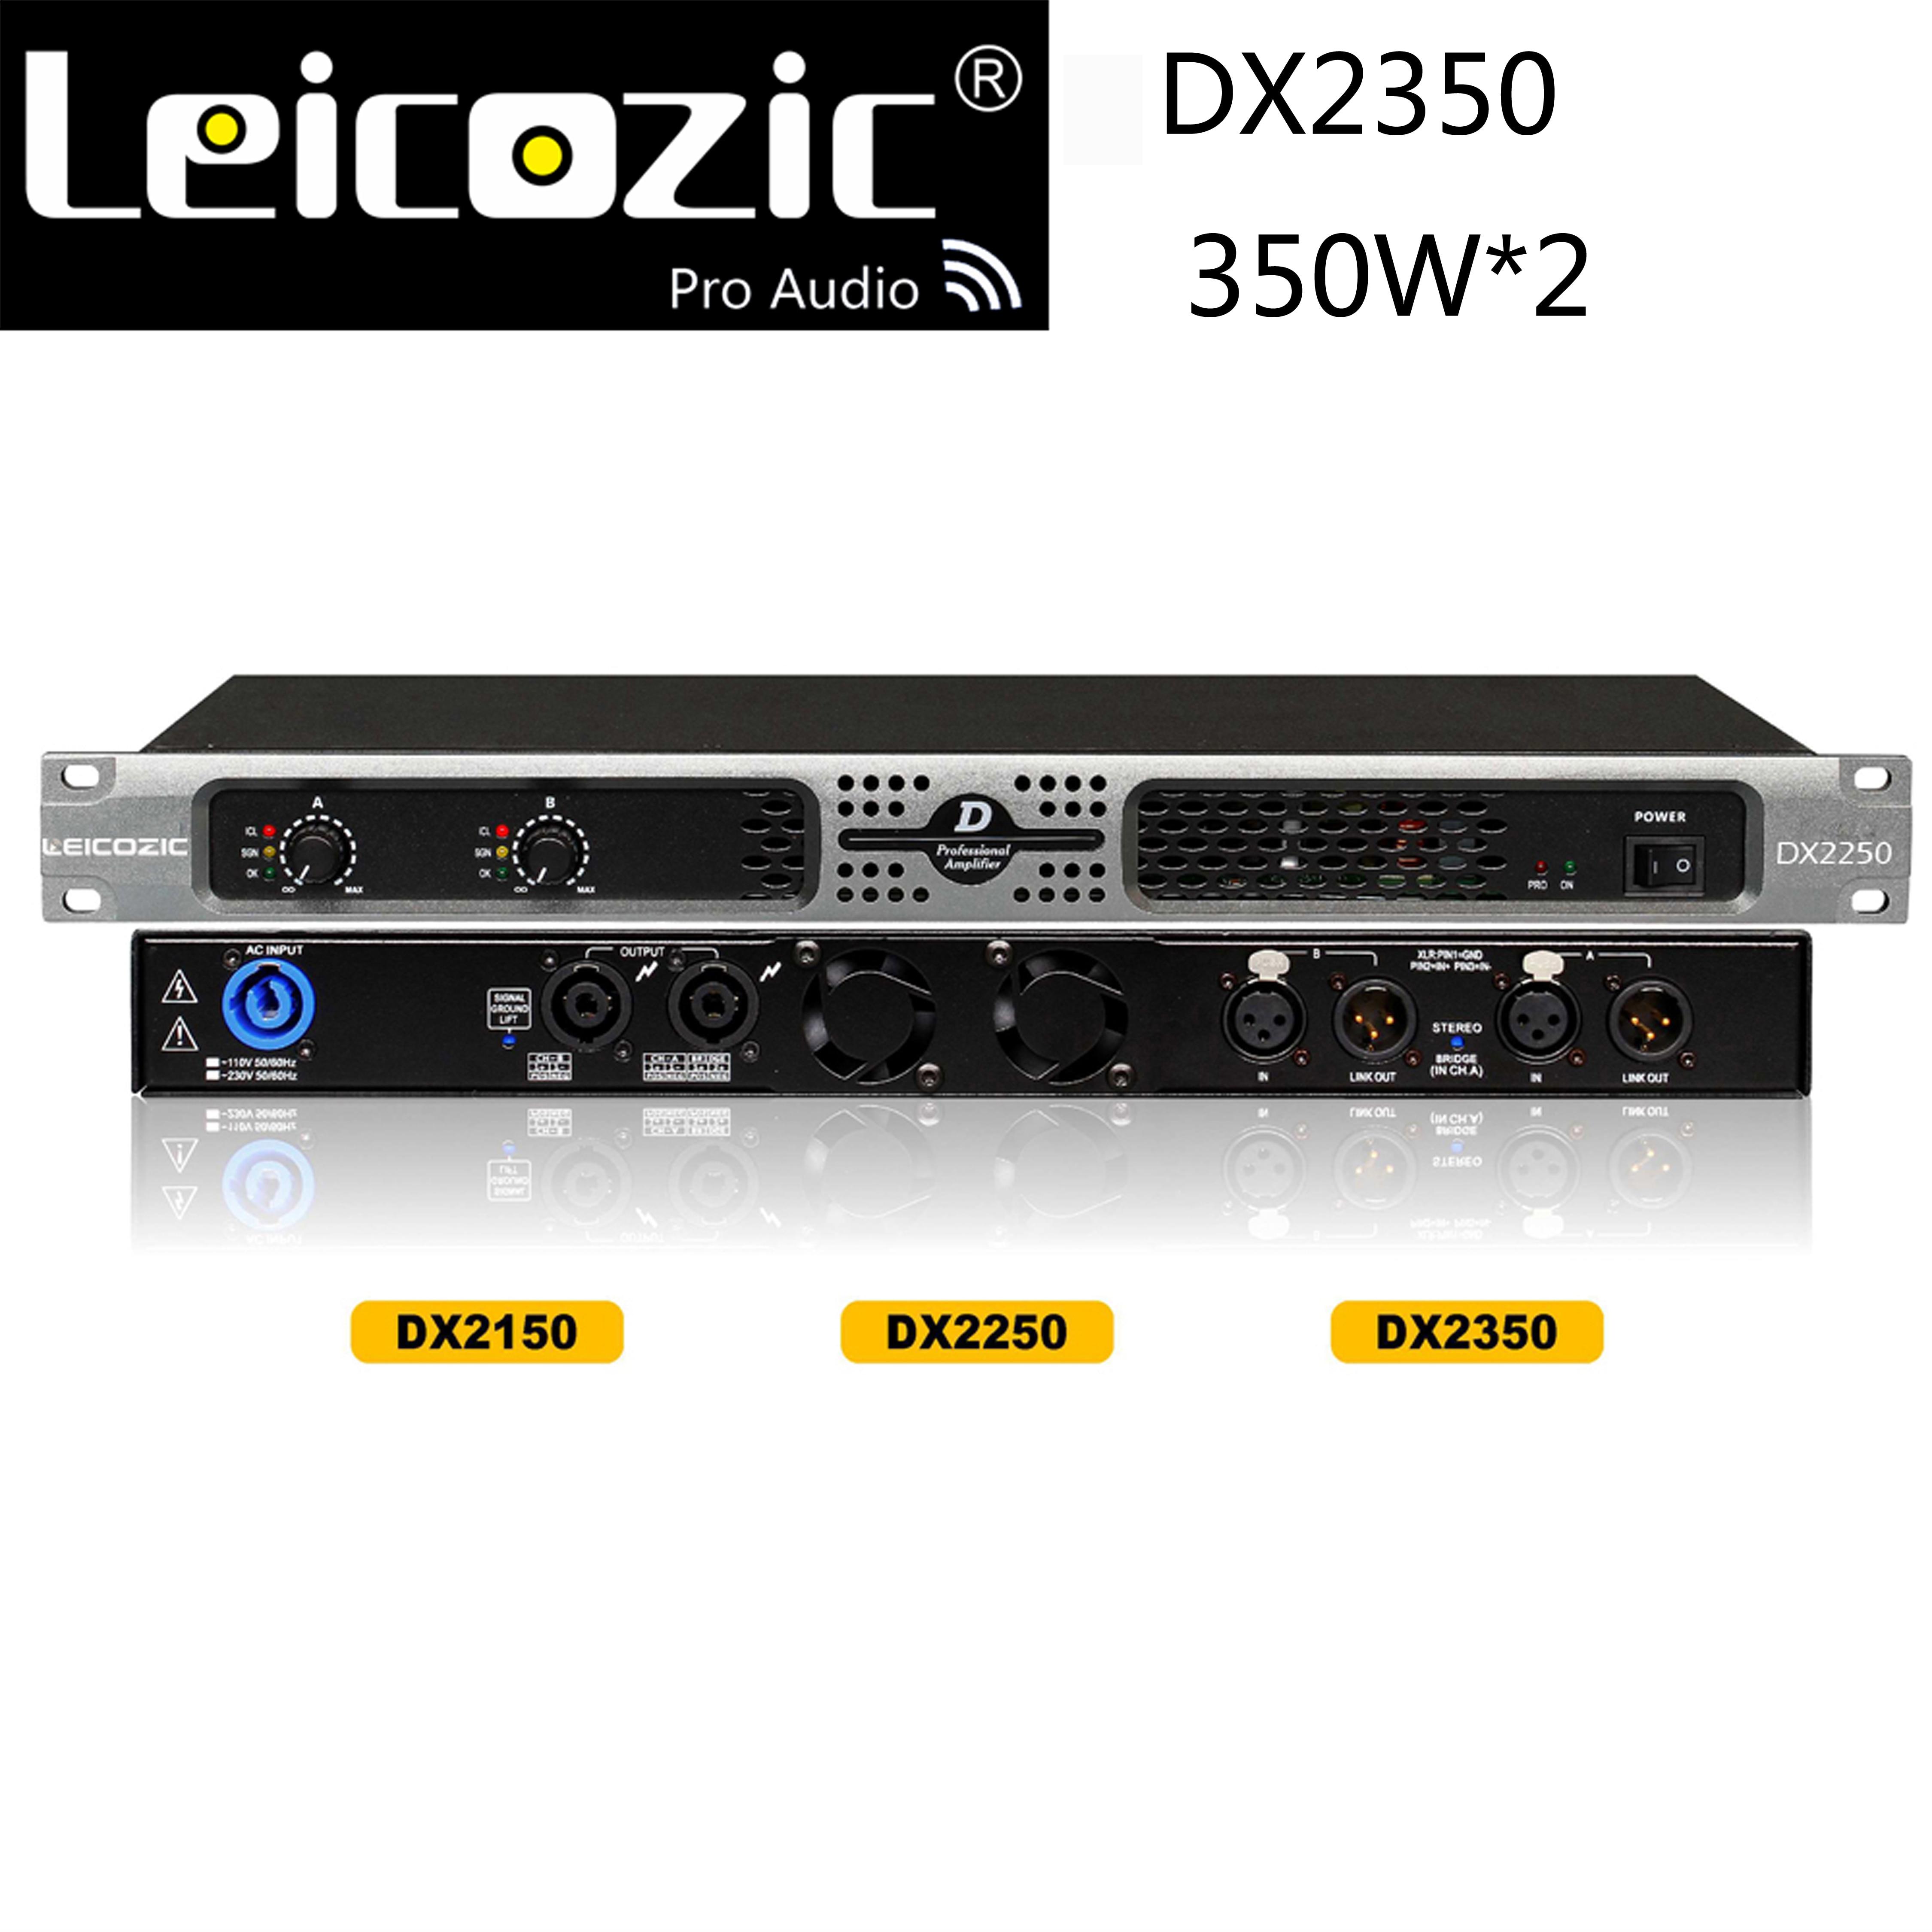 Leicozic DX2350 1u-power-amplificateur amplificateur de musique amplificateur professionnel 550W amplificateur audio 1u amplificateur de puissance pour scène